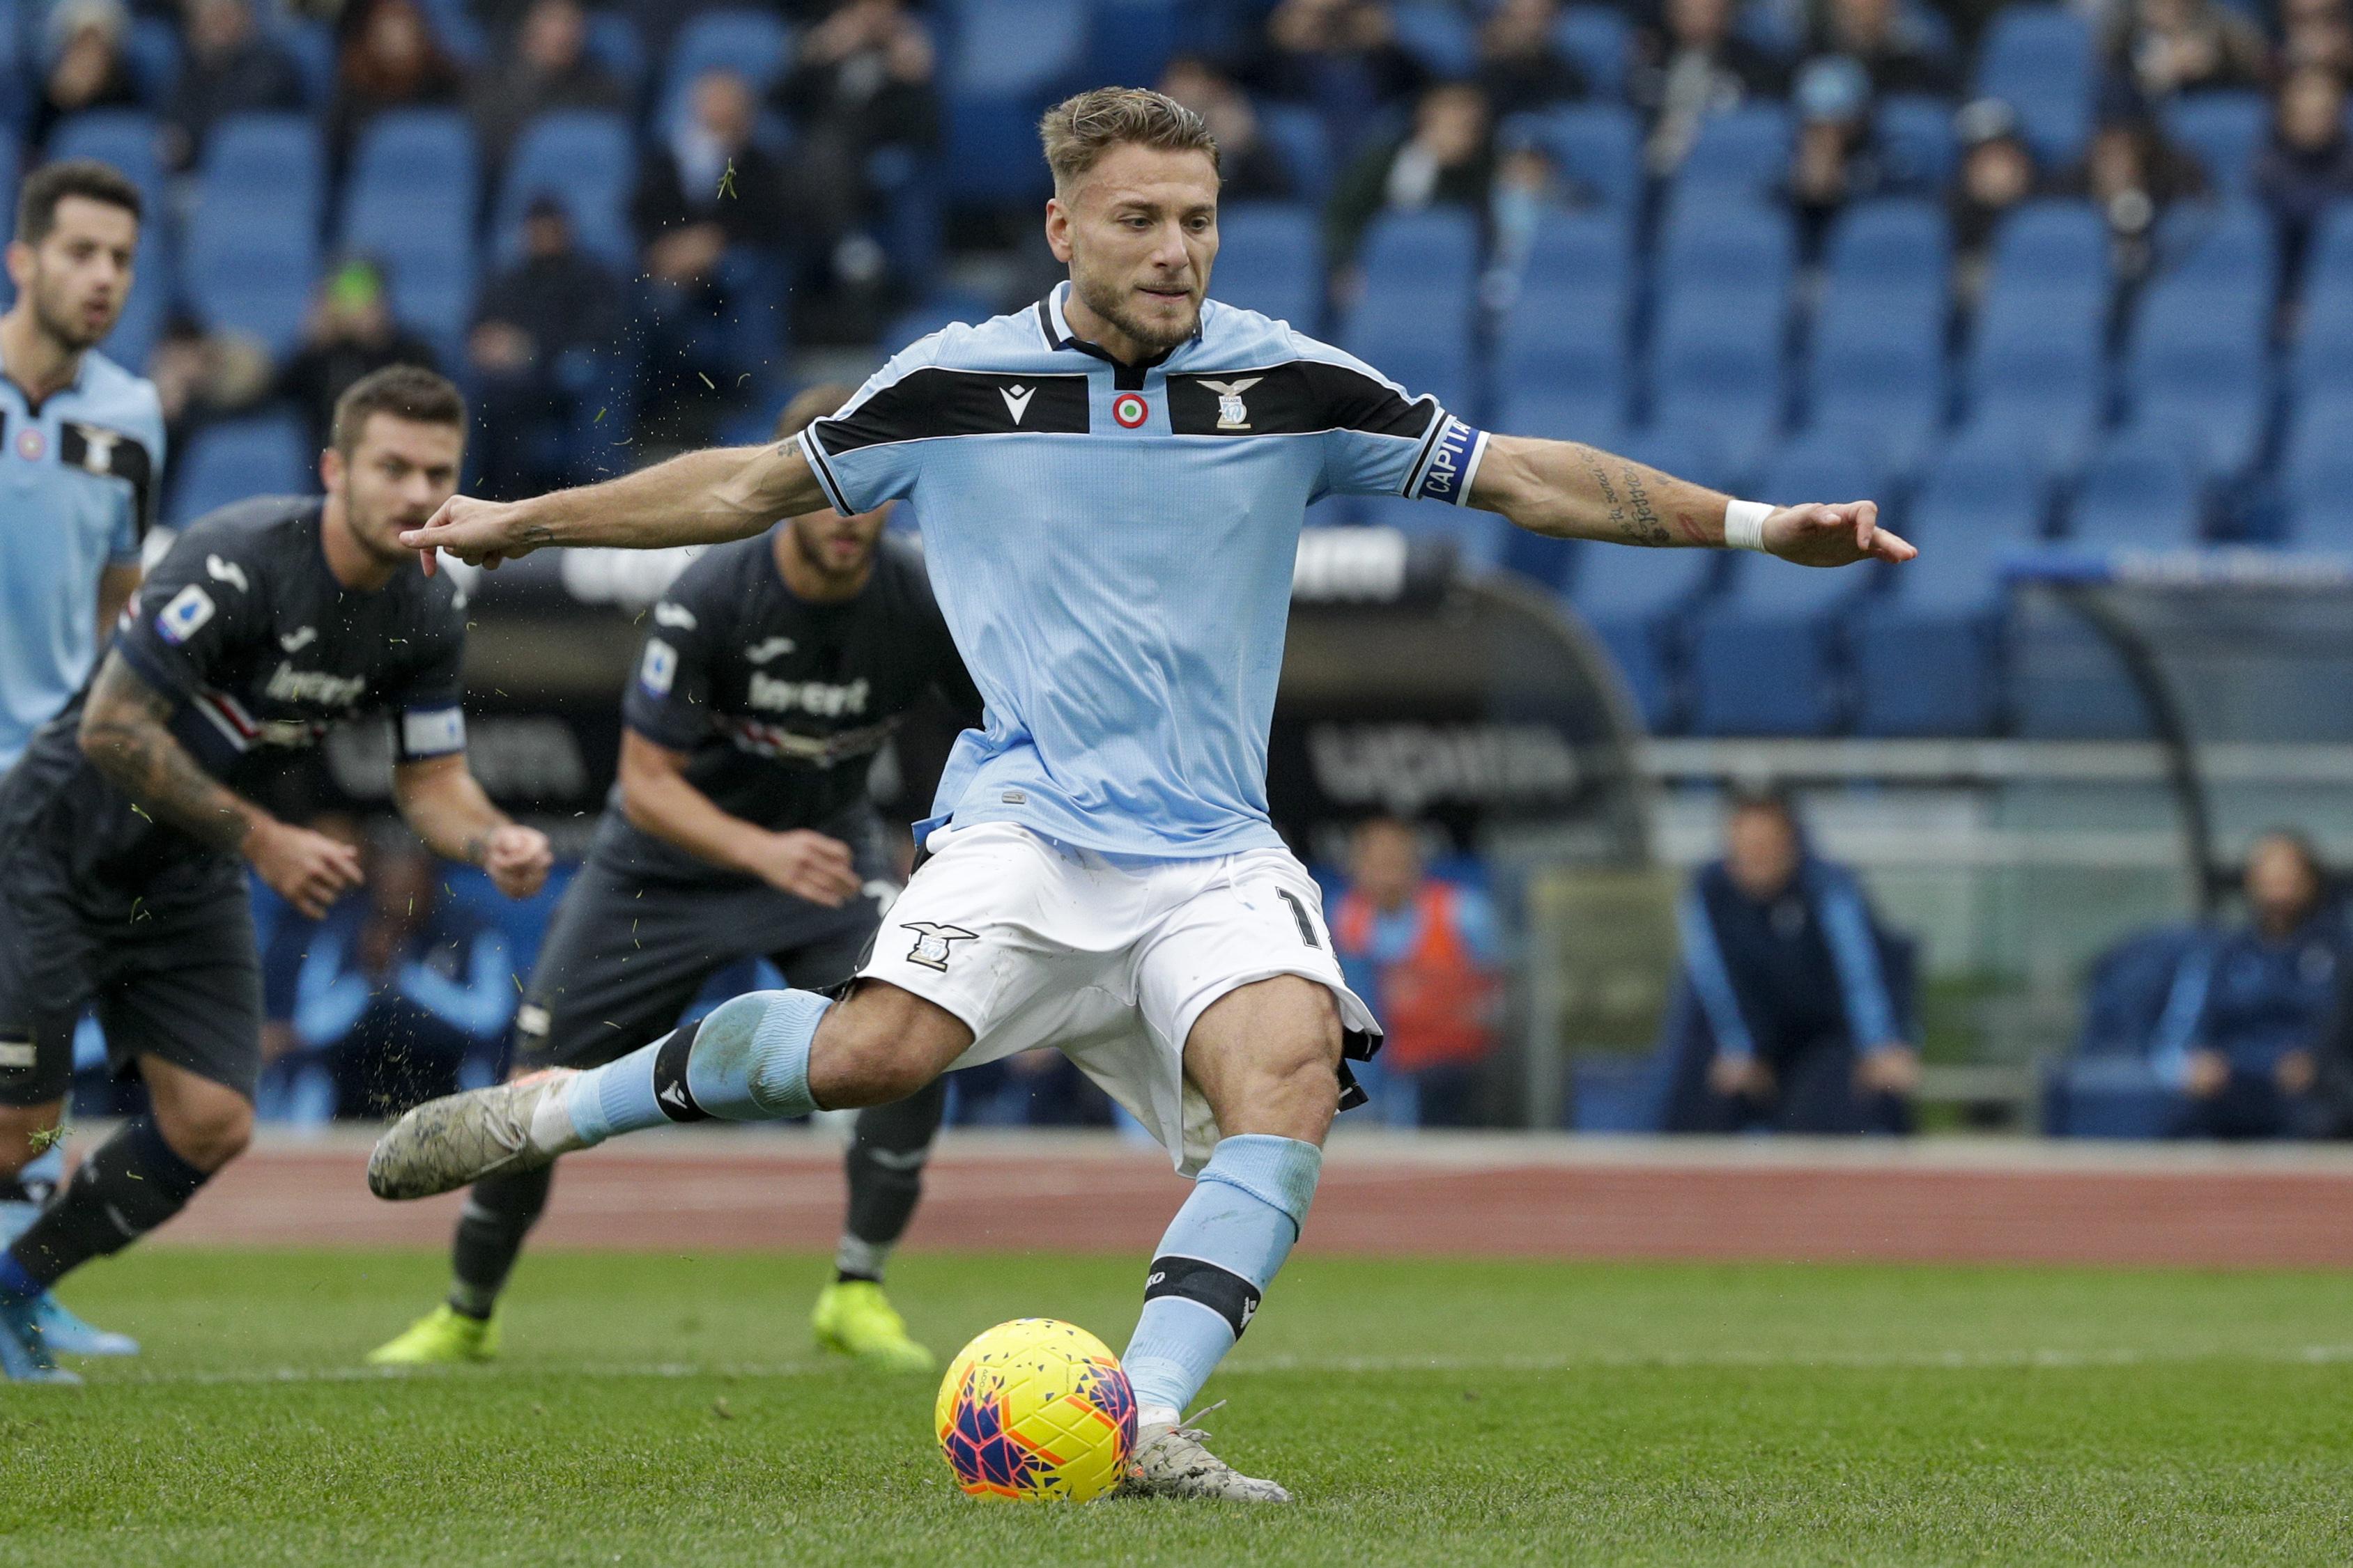 Immobile treble helps title contender Lazio crush Samp 5-1